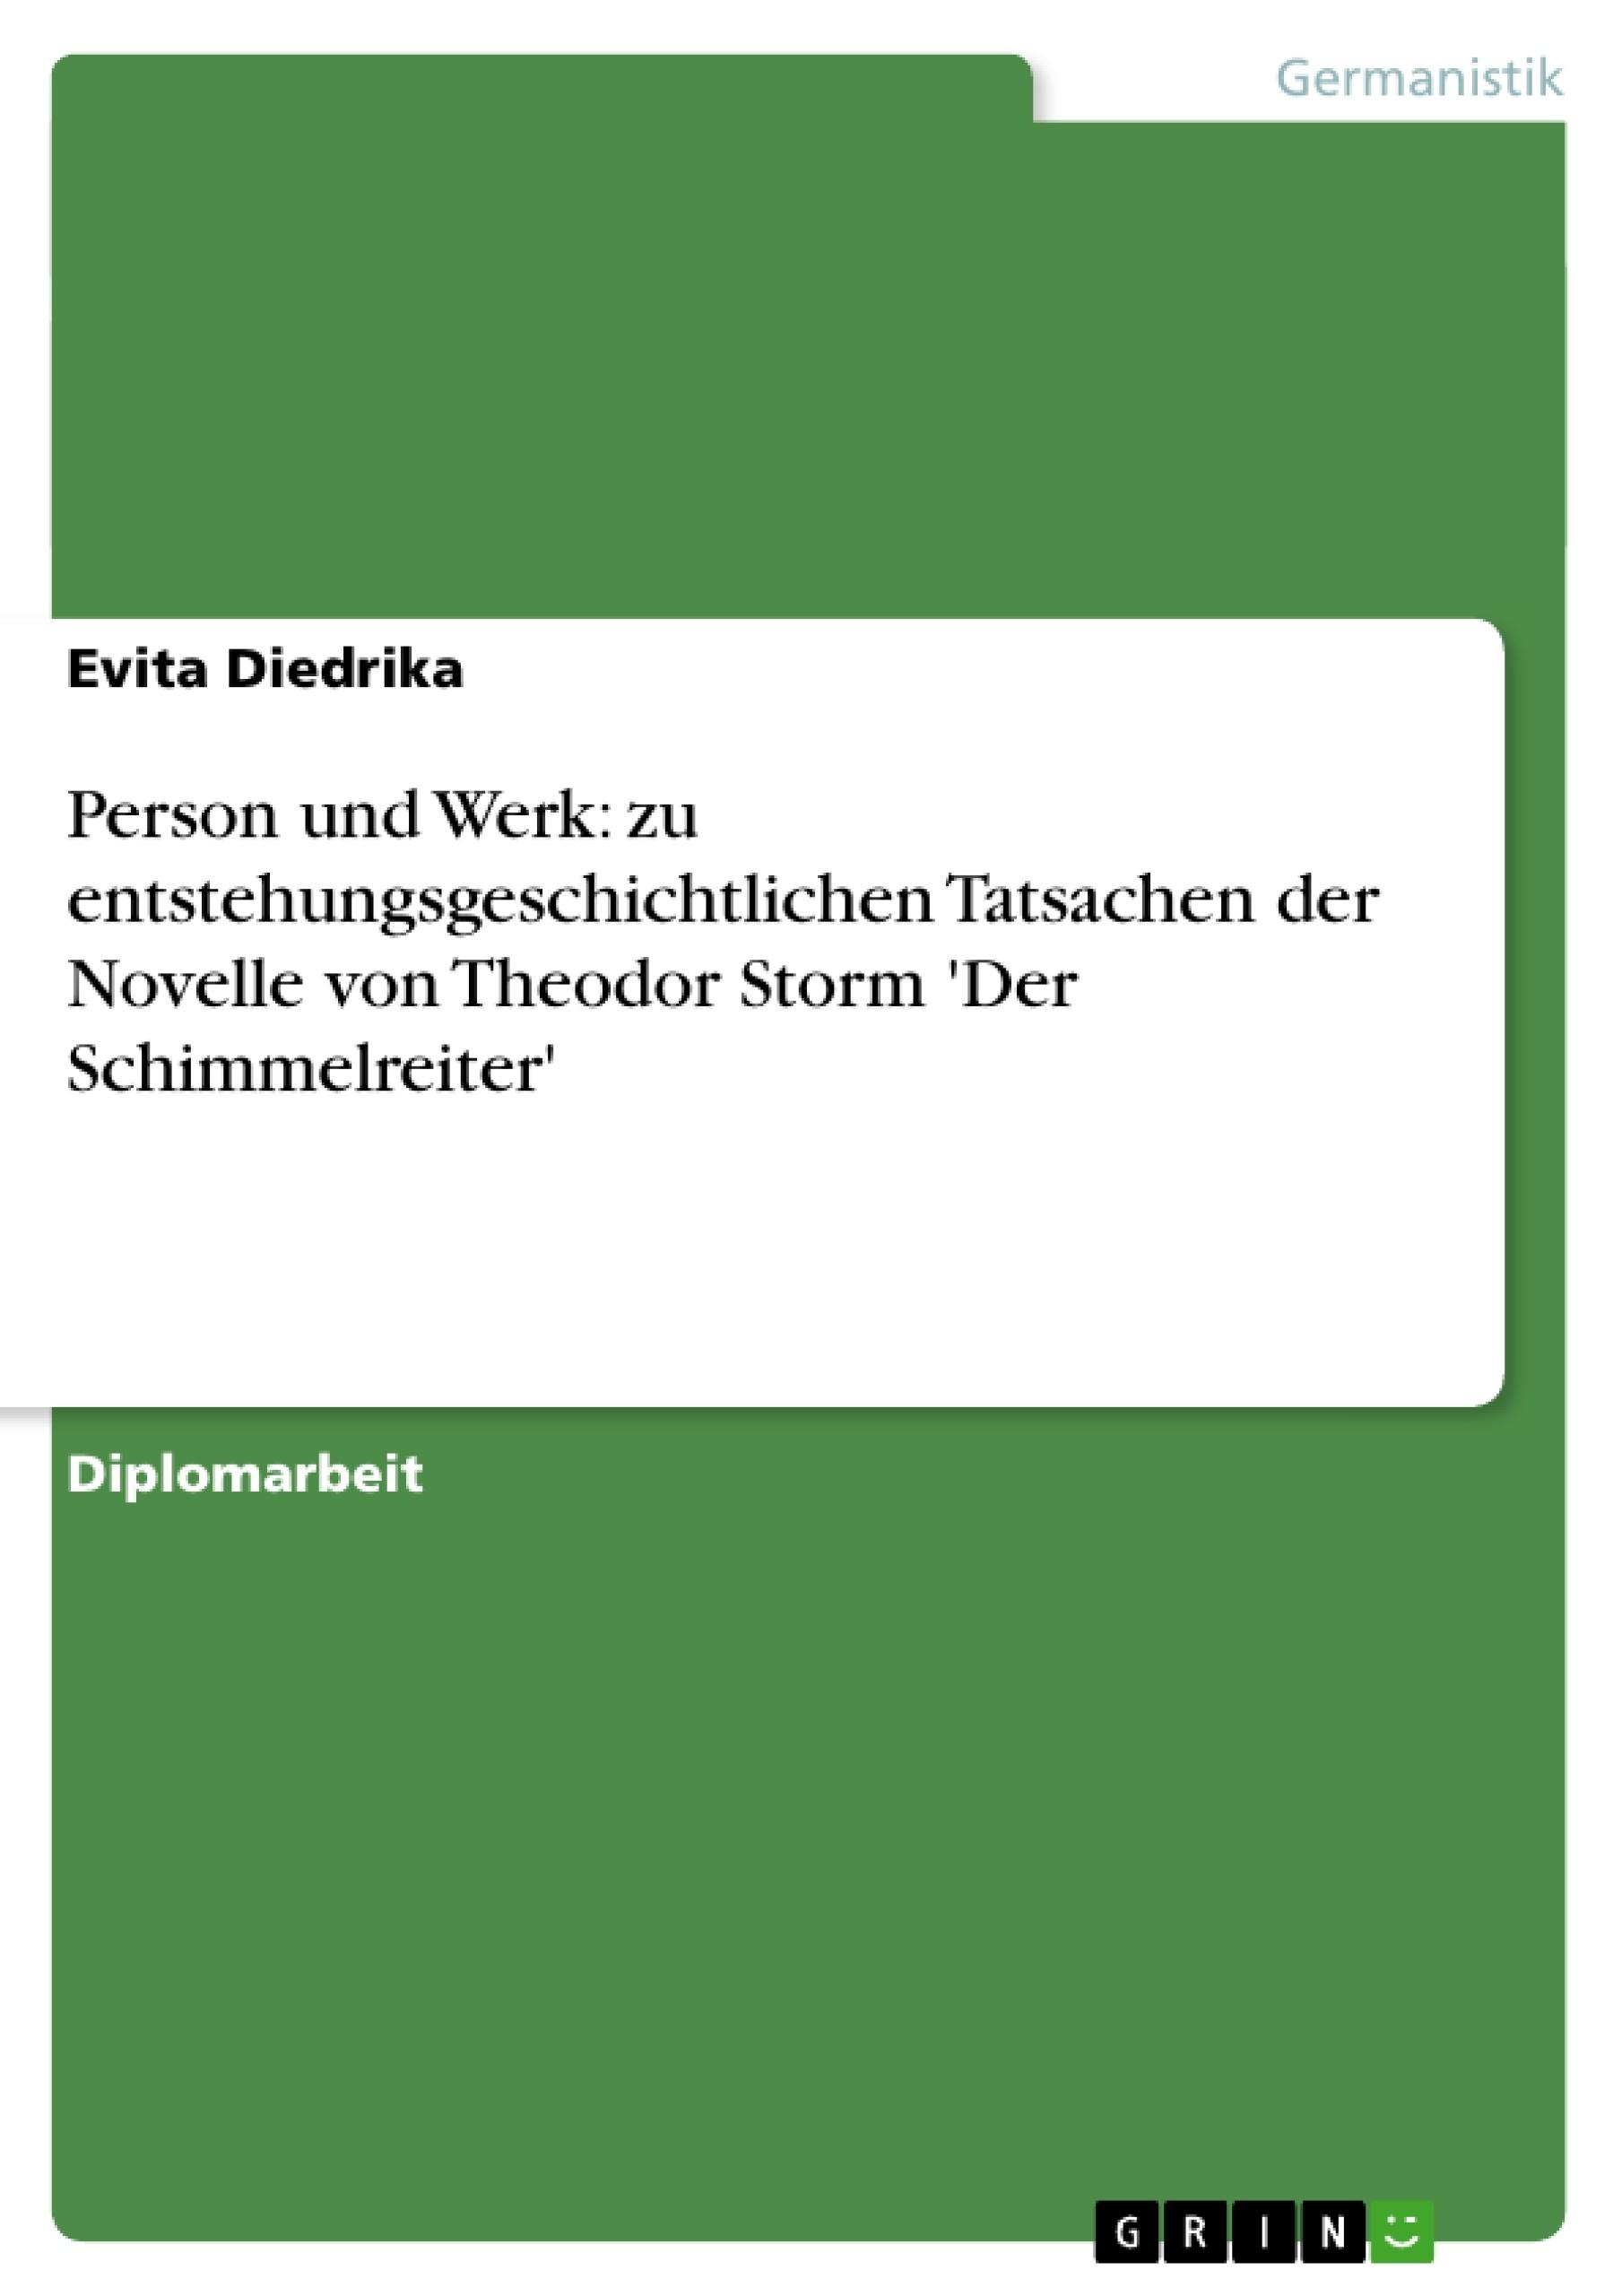 Titel: Person und Werk: zu entstehungsgeschichtlichen Tatsachen der Novelle von Theodor Storm 'Der Schimmelreiter'